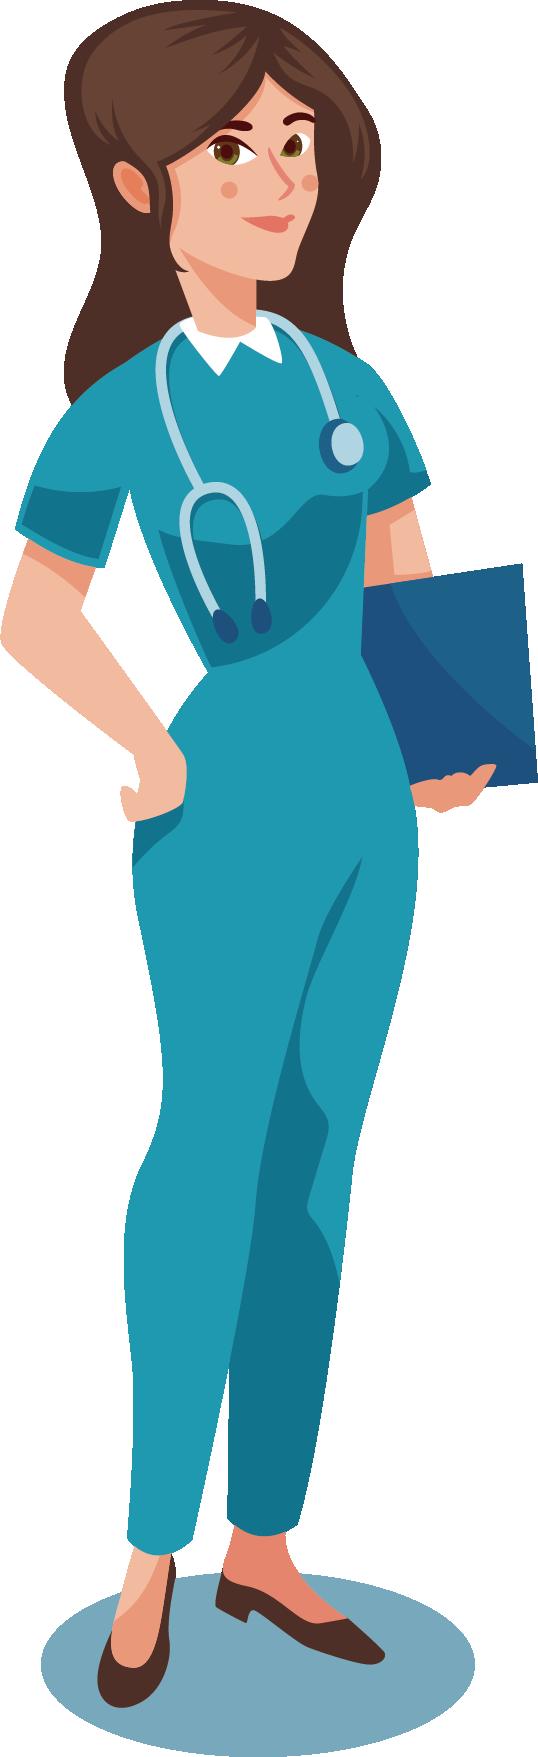 Картинки доктора женщины для детей